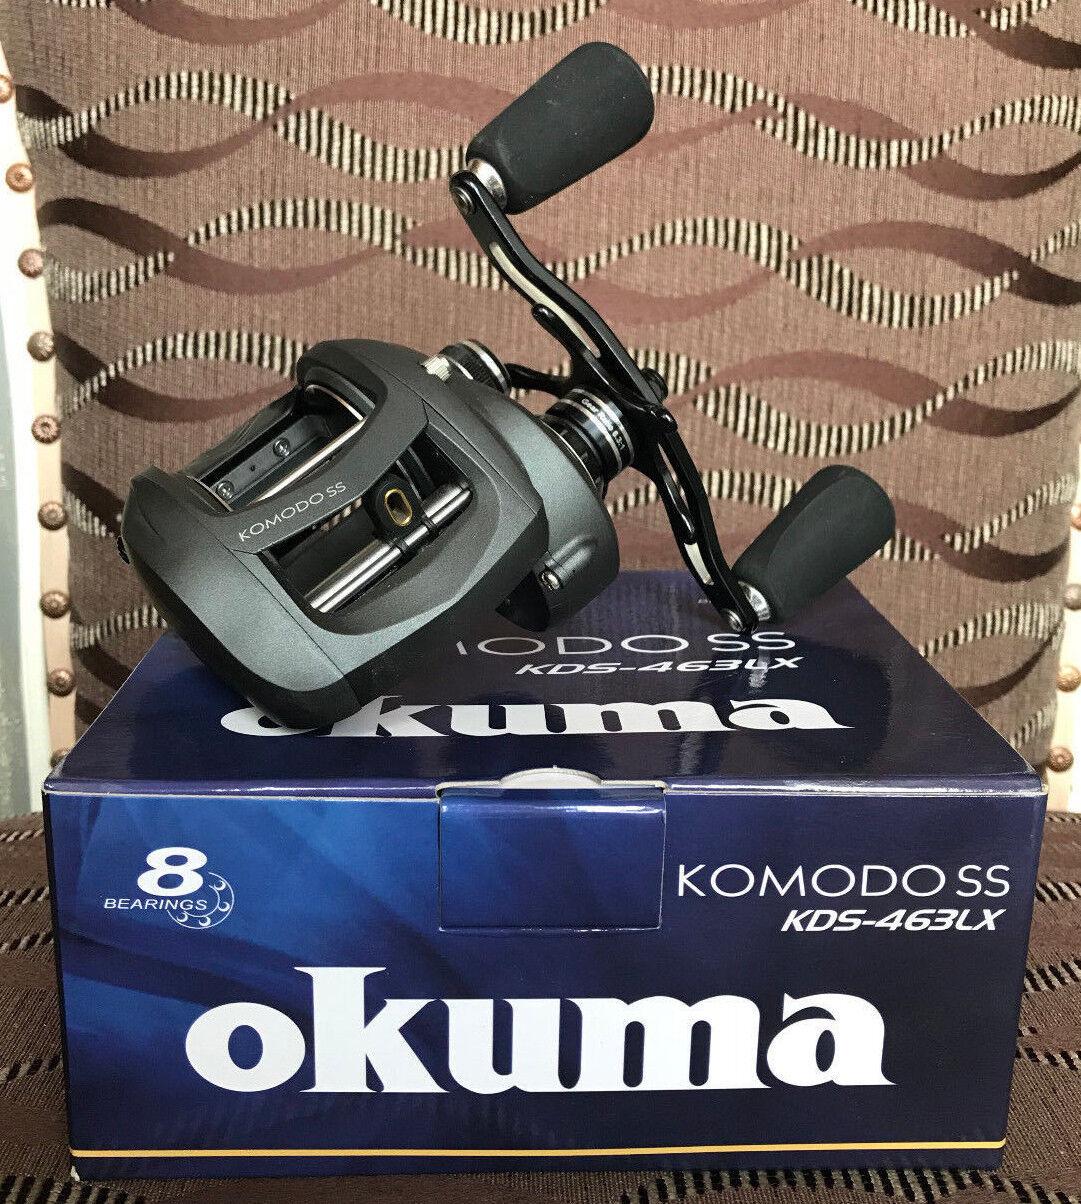 Okuma Okuma Okuma Komodo SS KDS-463LX Linkshand Baitcastrolle 0fba77